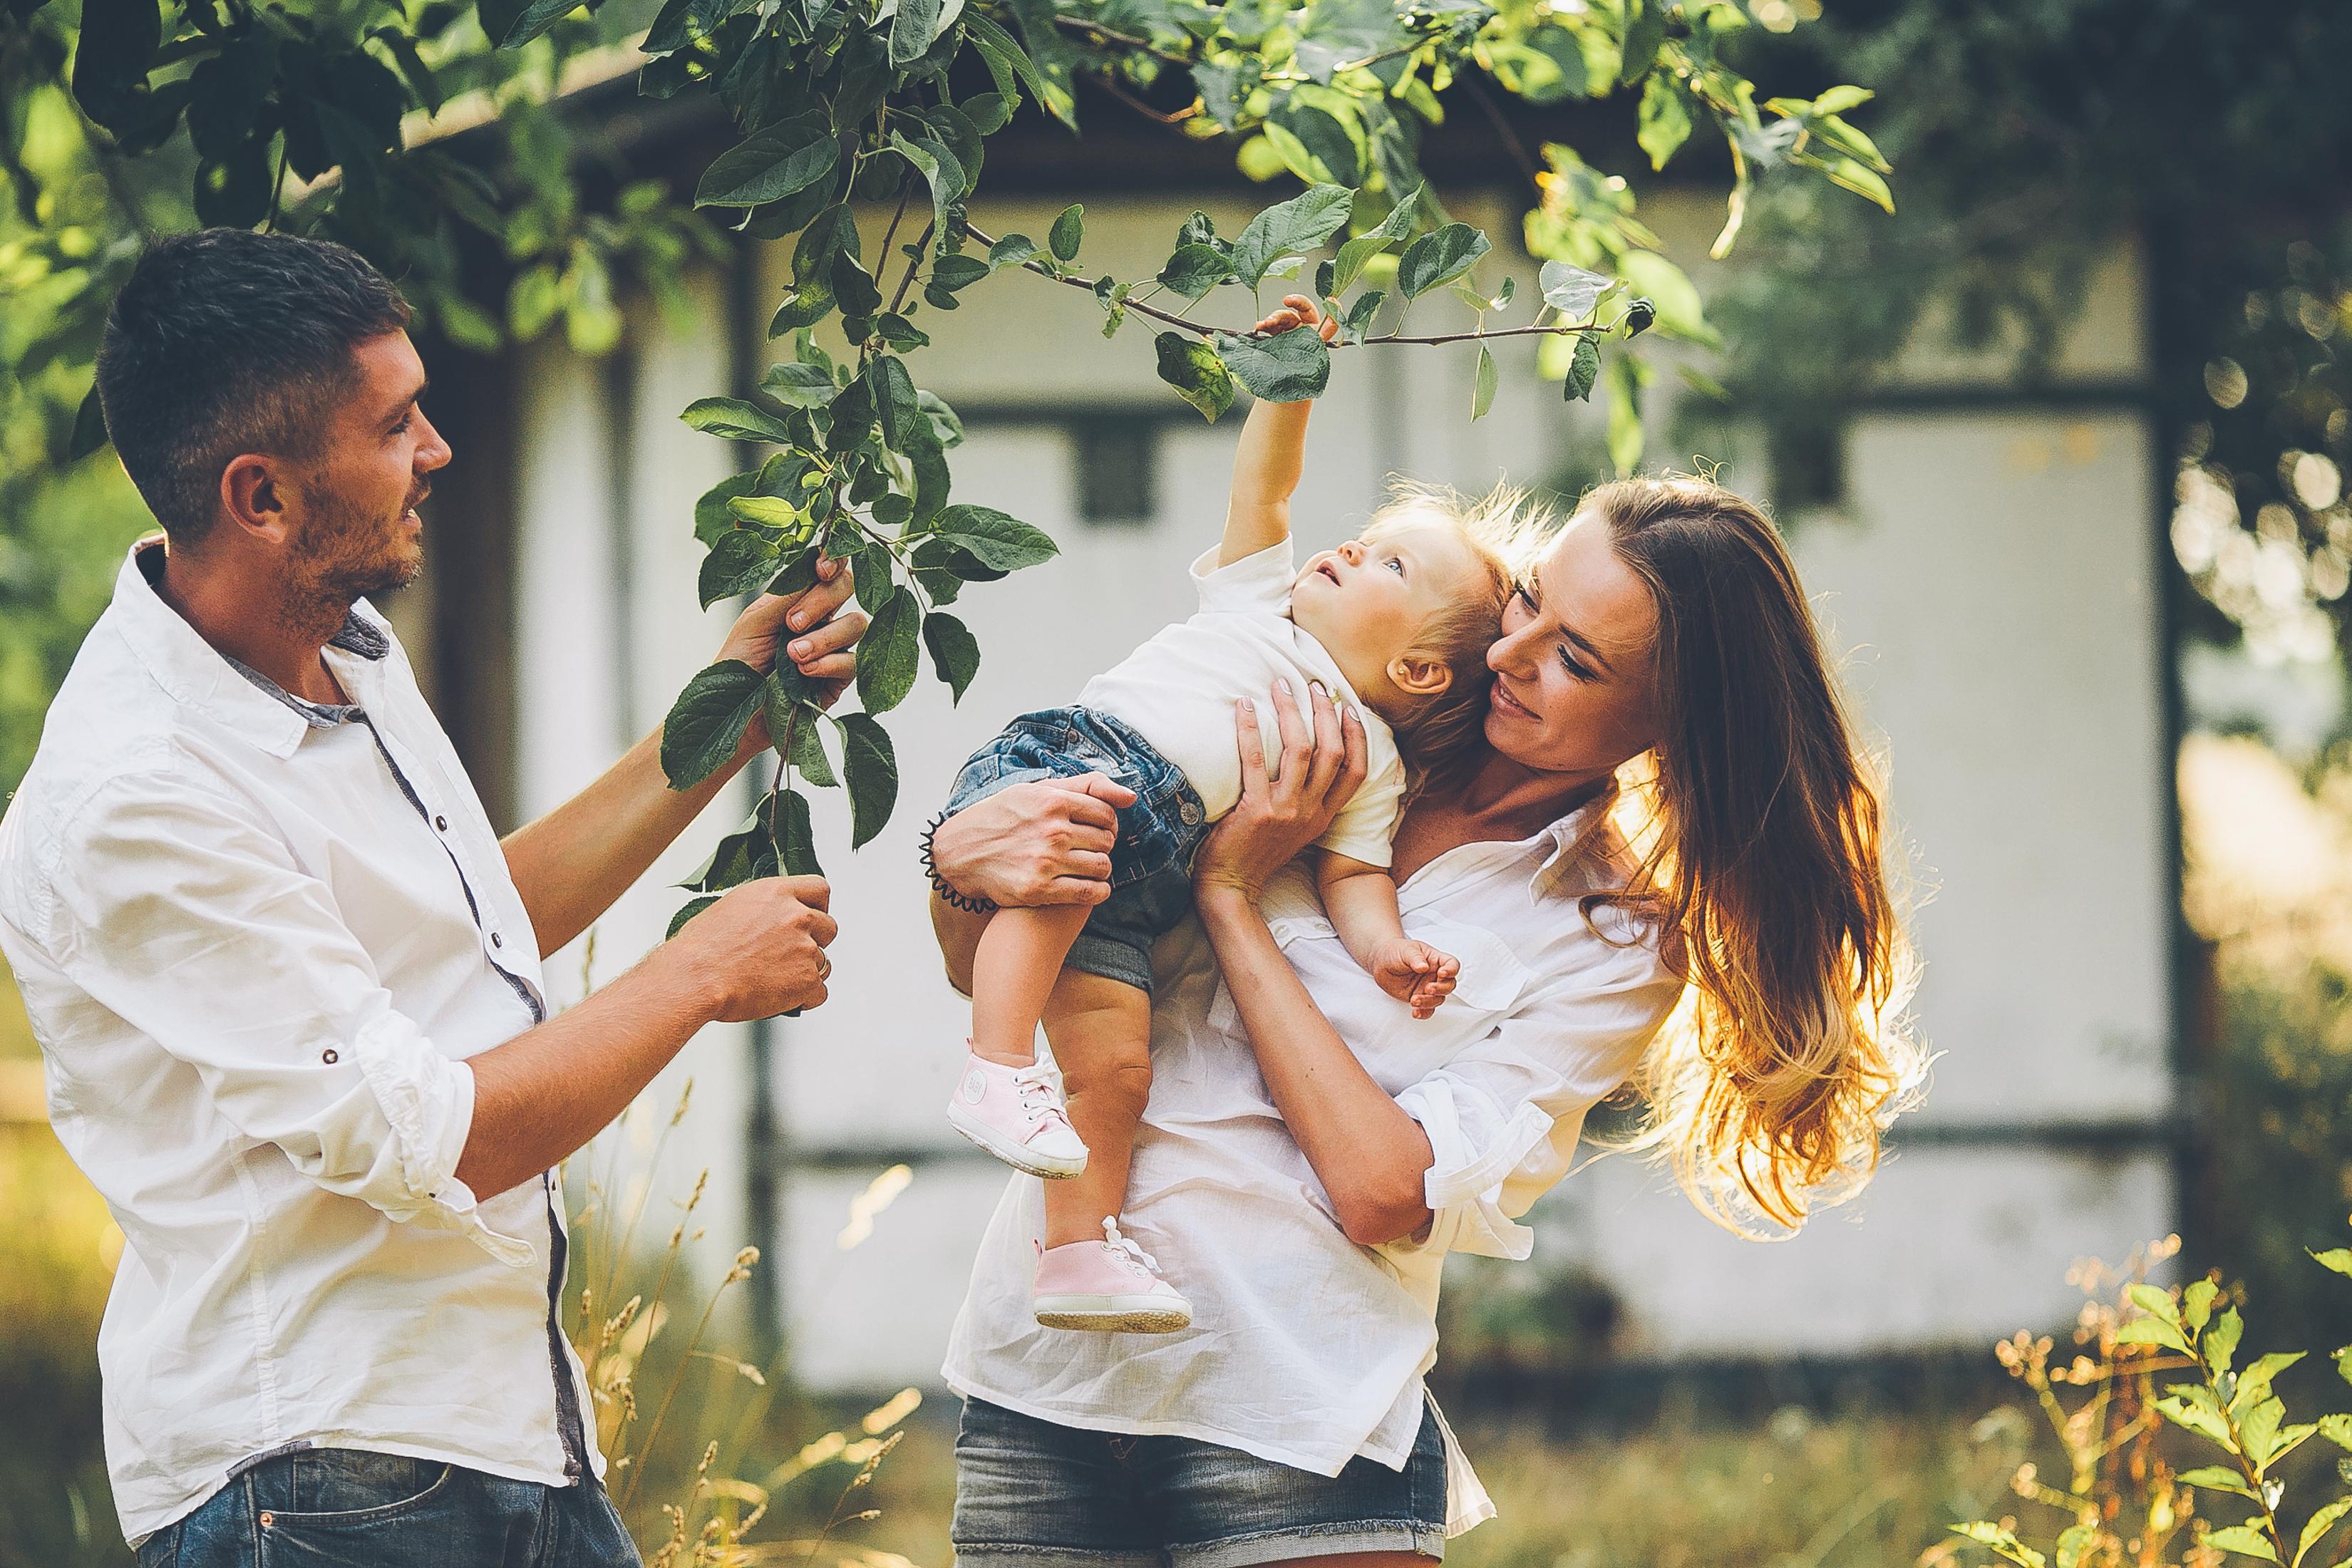 Glückwunsch: Diesen Riesenvorteil haben Eltern gegenüber anderen Erwachsenen